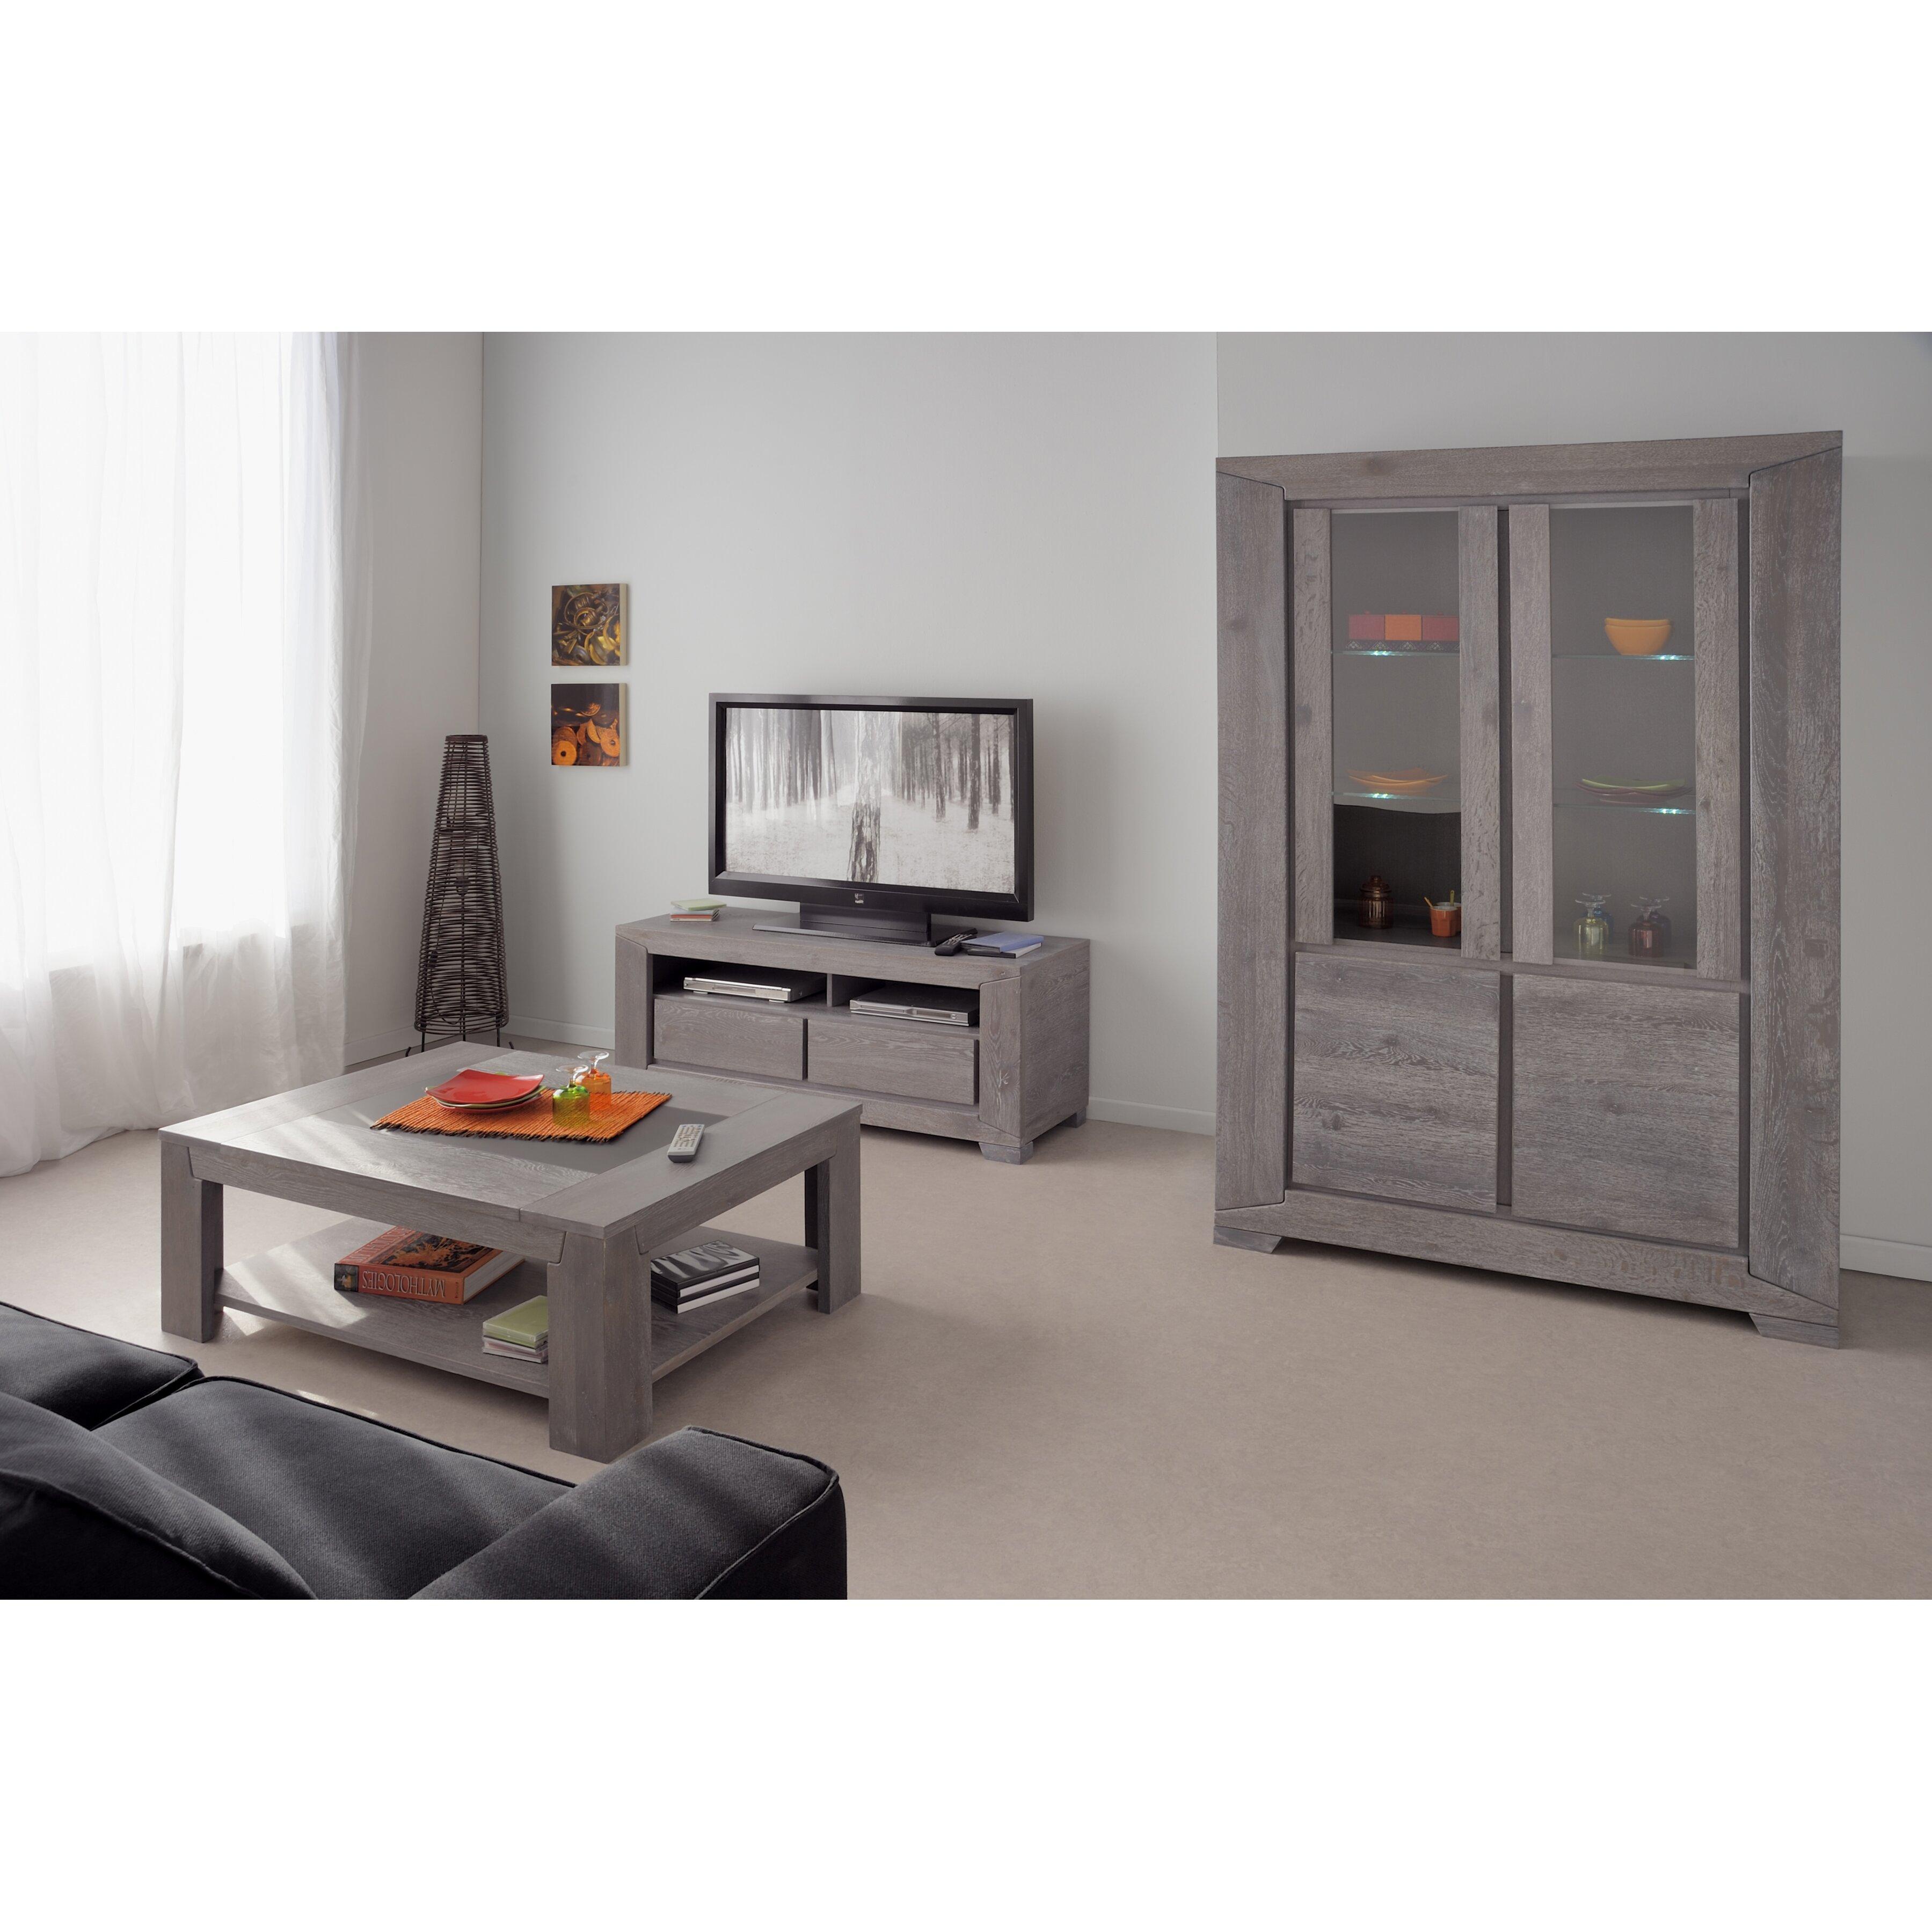 Floor Storage Cabinets Parisot Titan 2 Door Storage Cabinet Reviews Wayfair